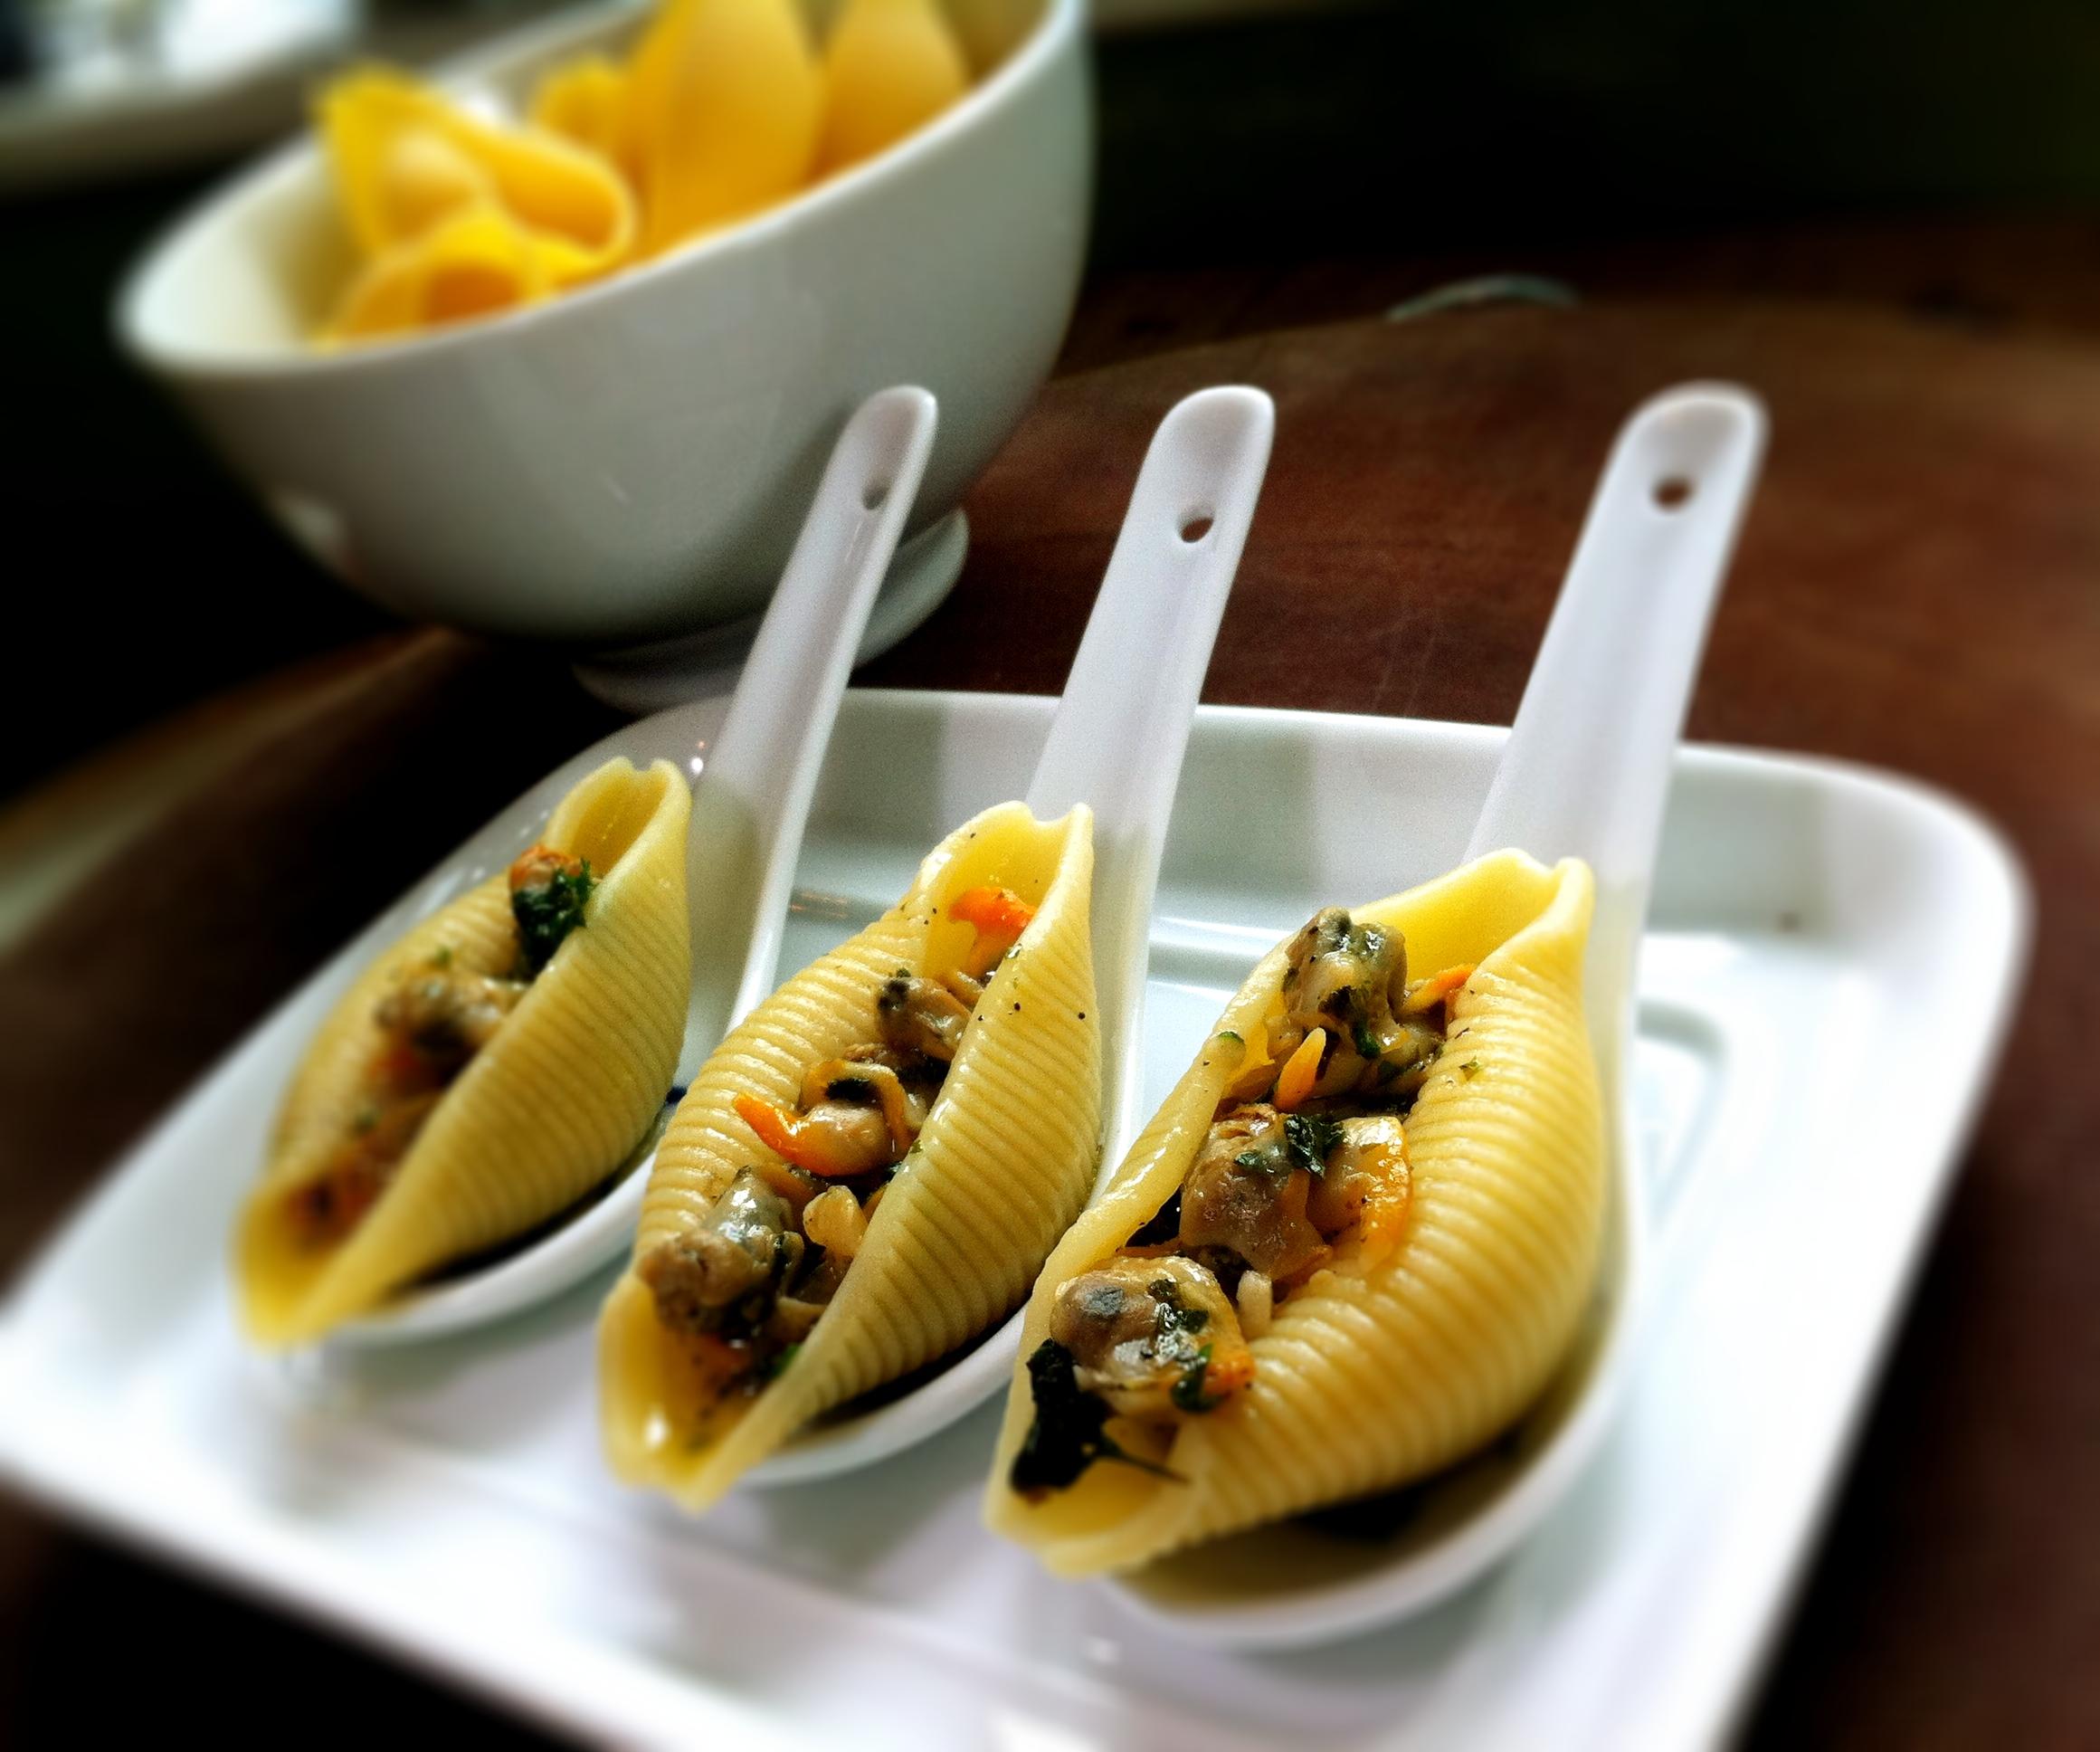 Conghiglioni vongole surprise amuse bouche thebigfatnoodle for Amuse bouche cuisine